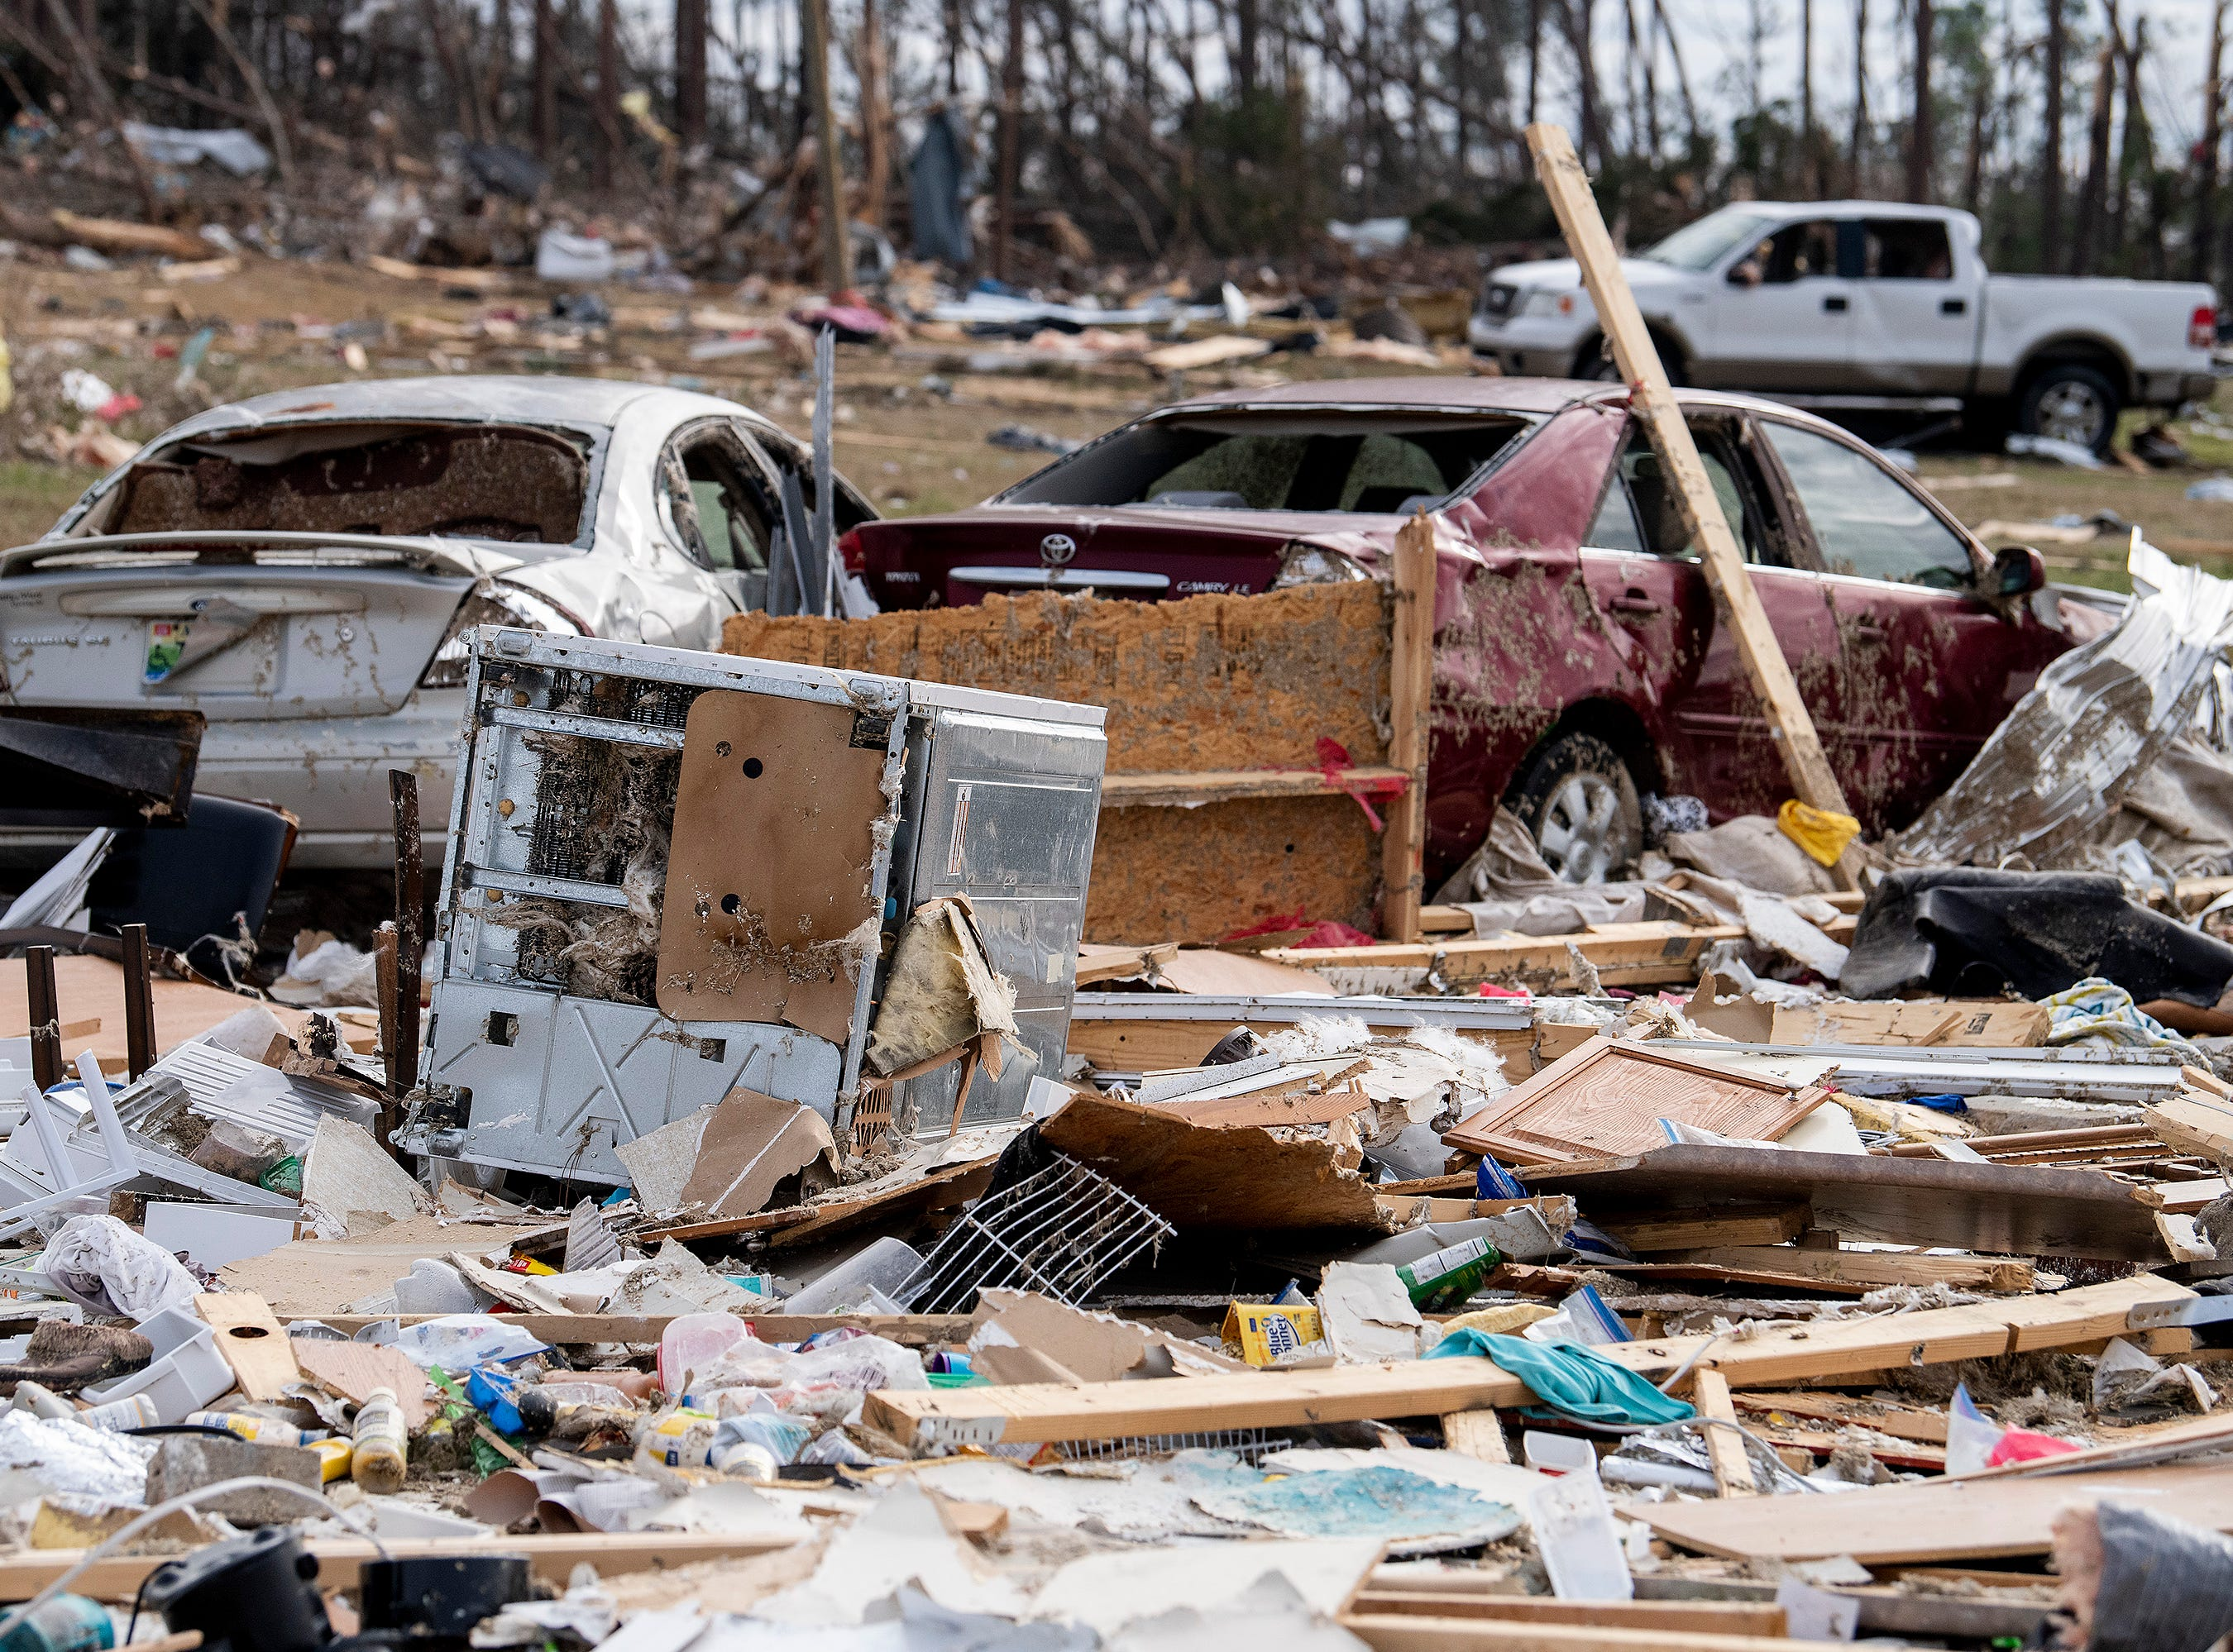 Tornado damage in Beauregard, Ala., on Friday March 8, 2019.